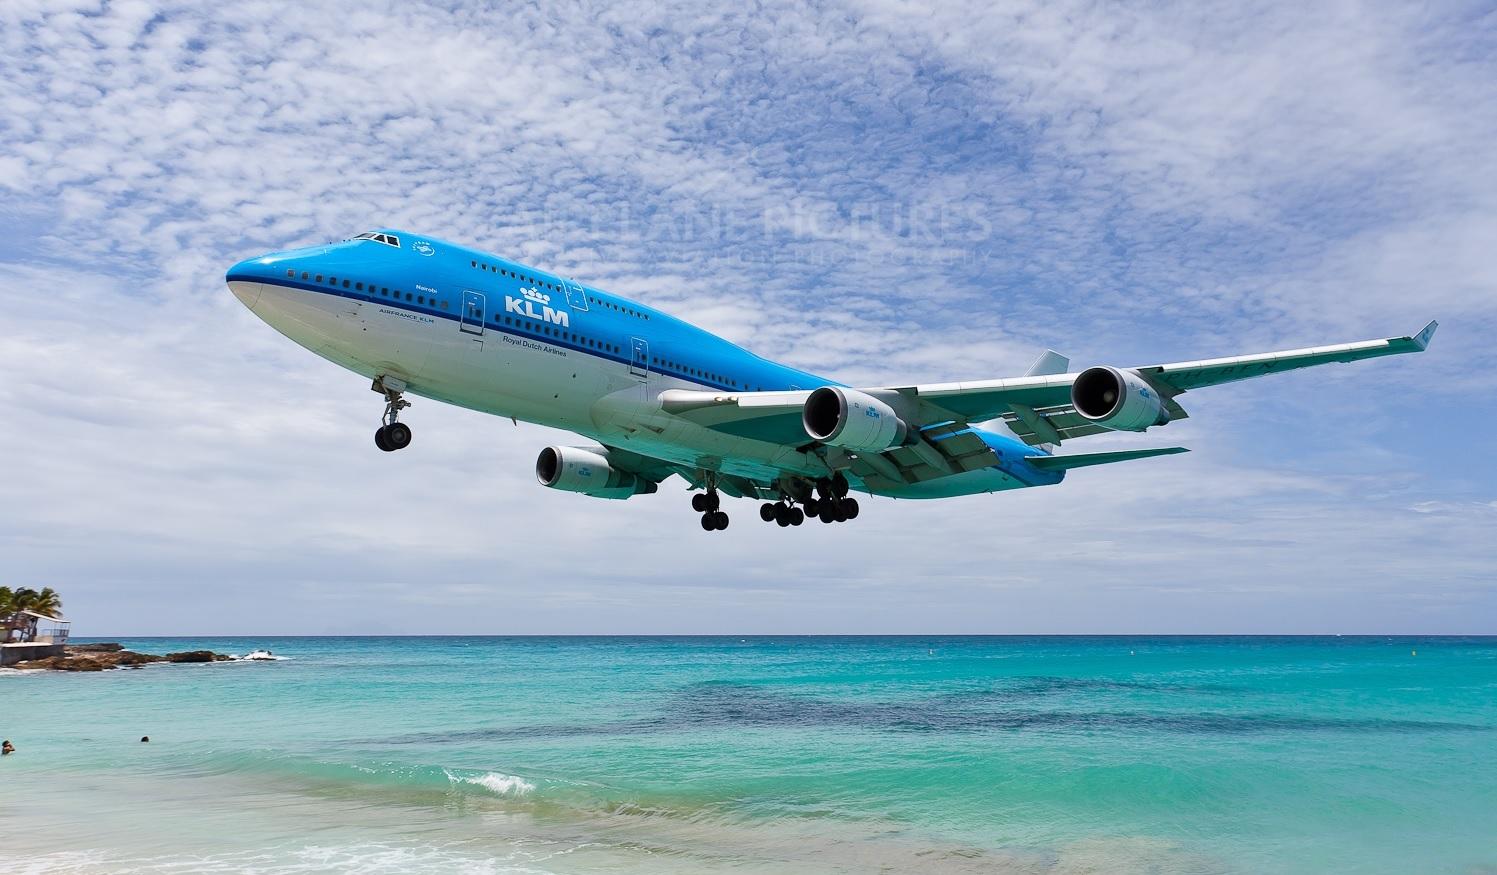 KLM landing strand